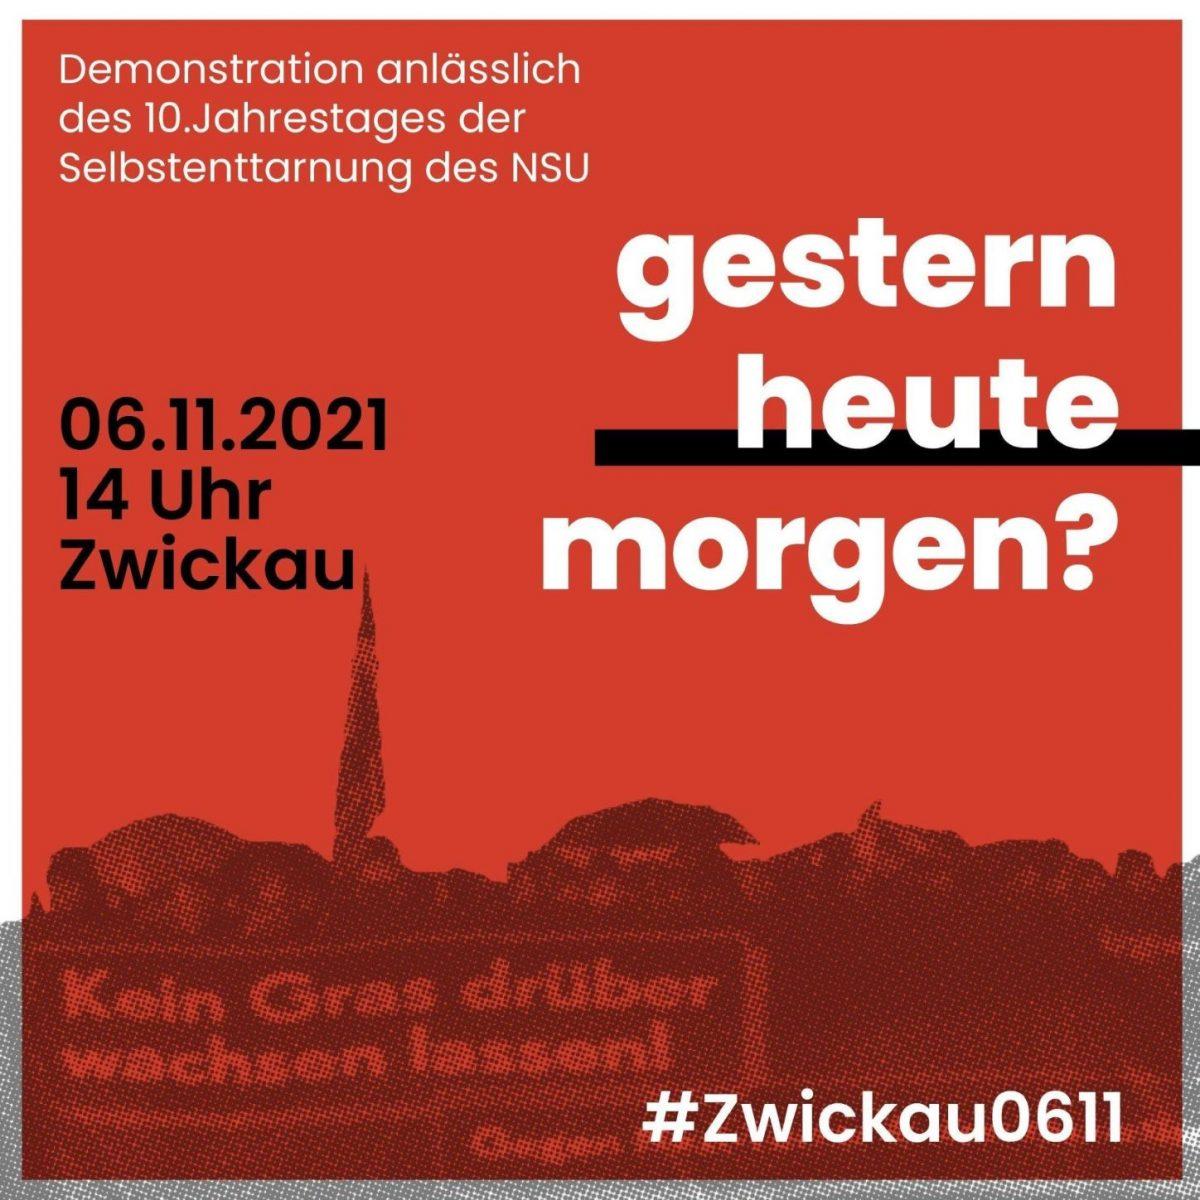 #zwickau0611